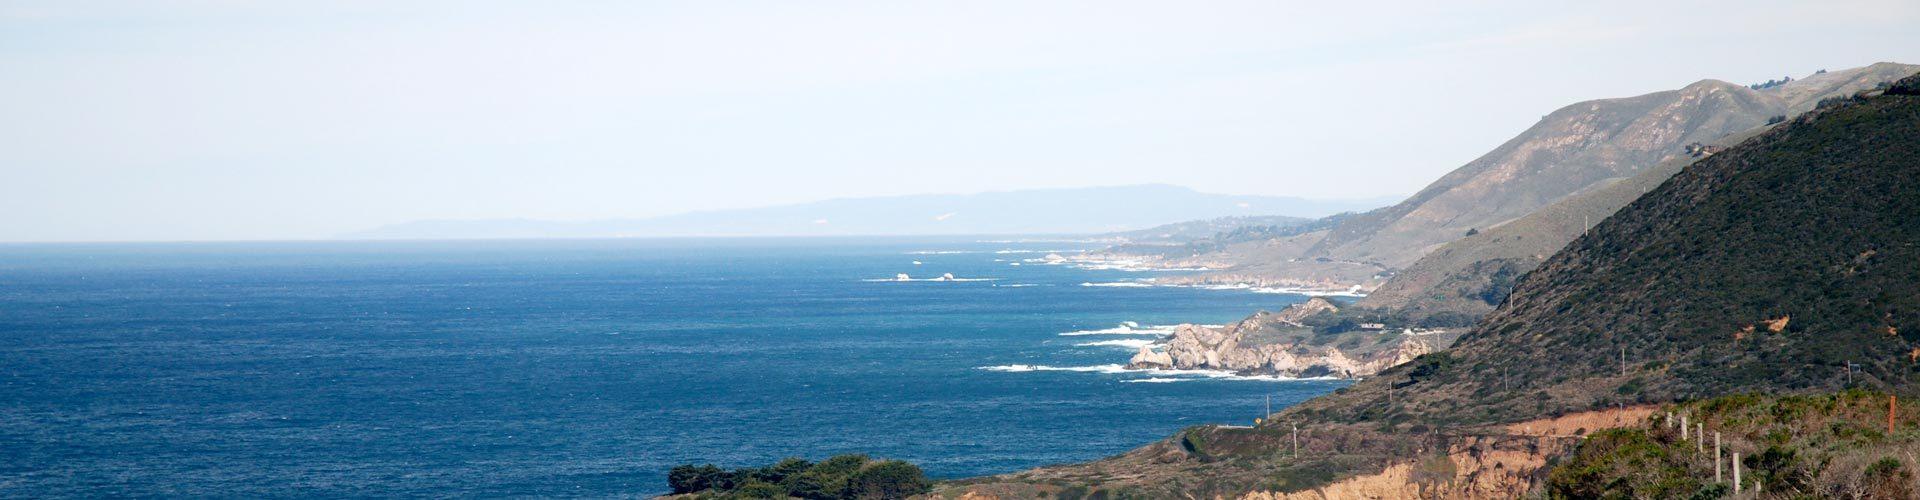 Kaliforniens Küste